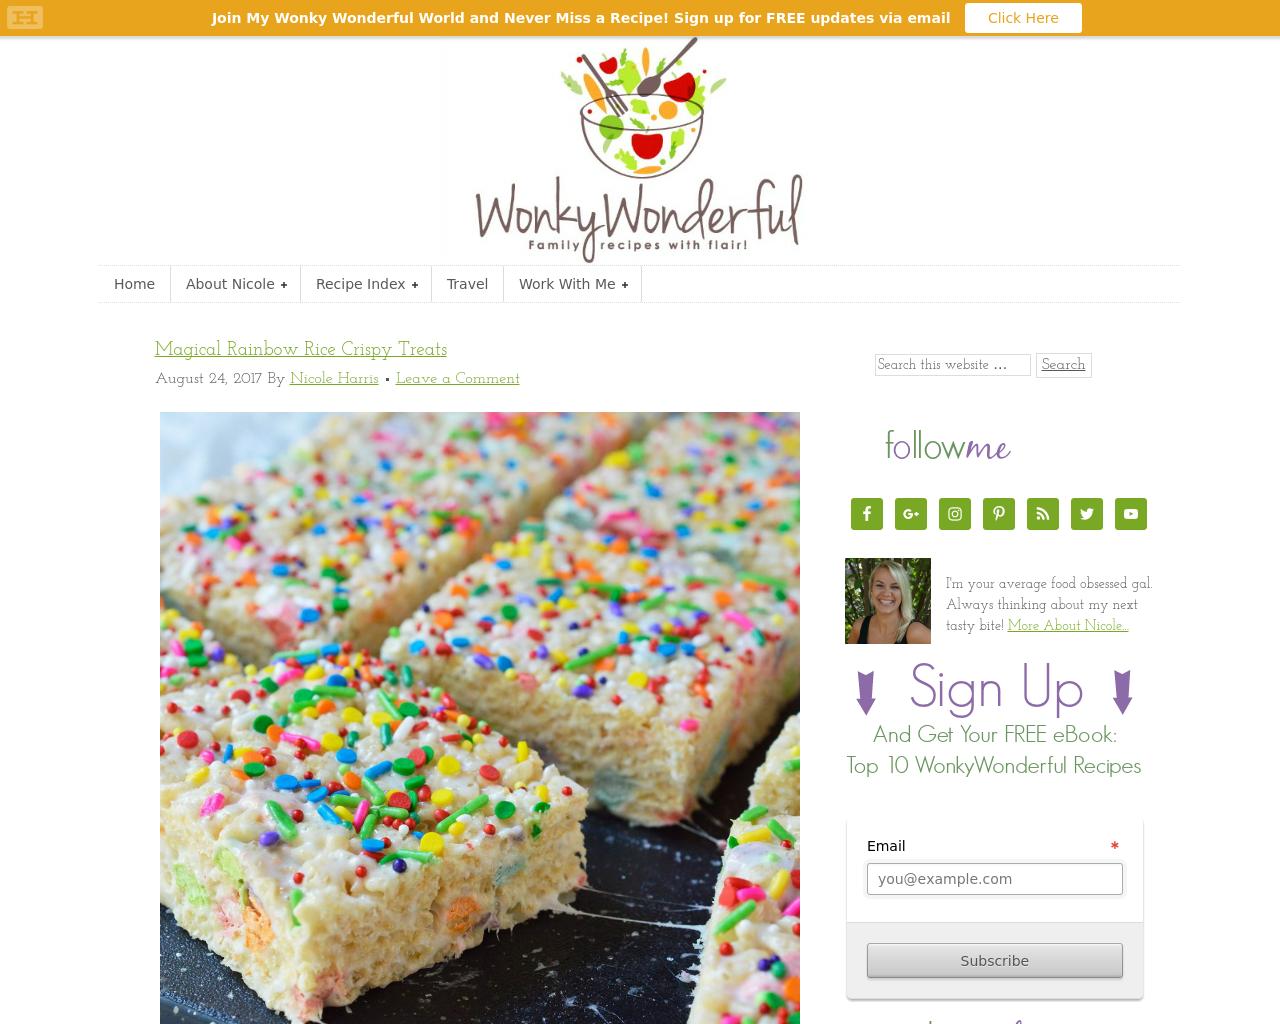 WonkyWonderful-Advertising-Reviews-Pricing